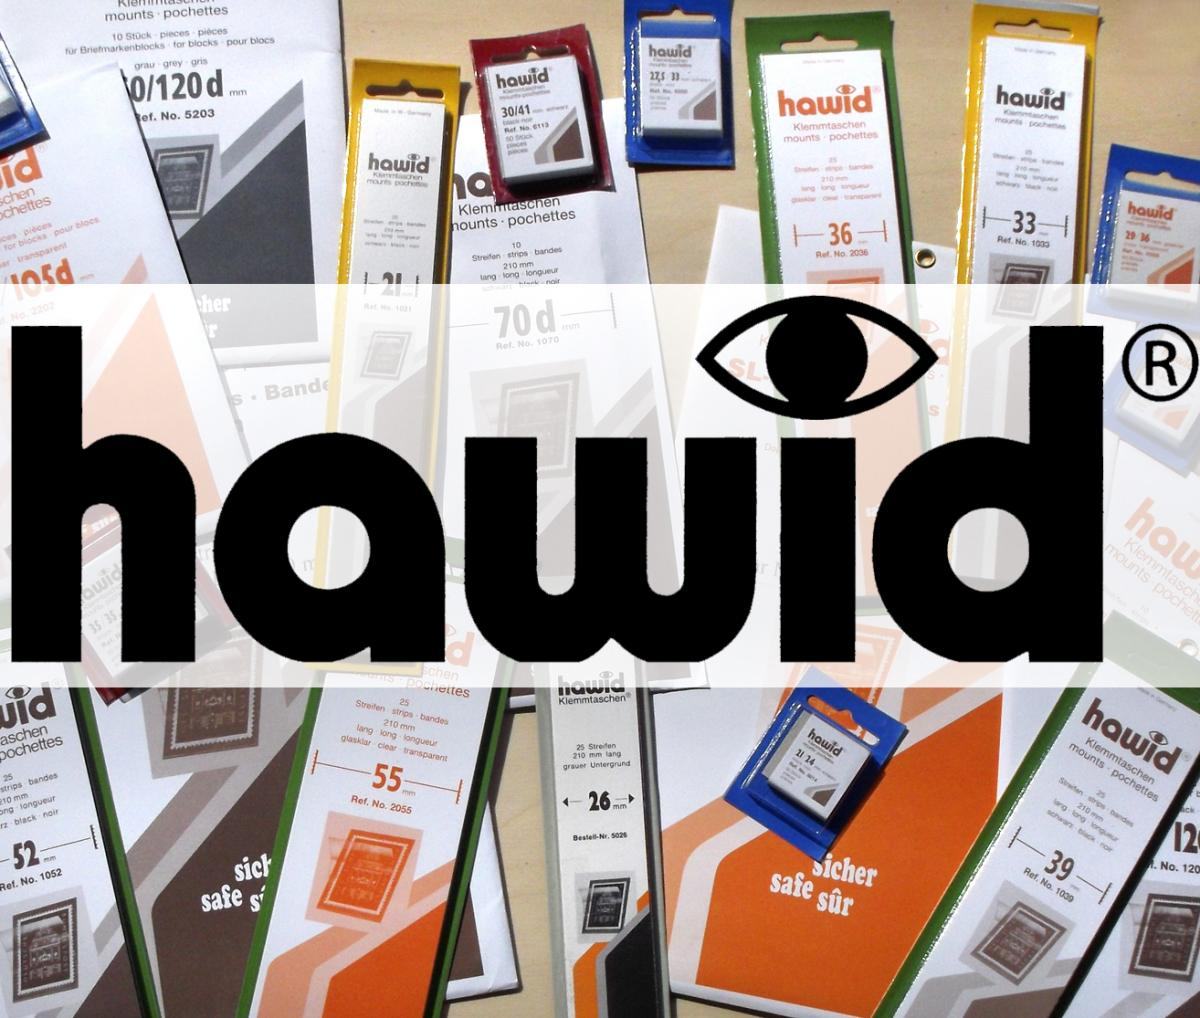 HAWID SL-Streifen 265x100 mm, glasklar, 10 Stück, d* 0